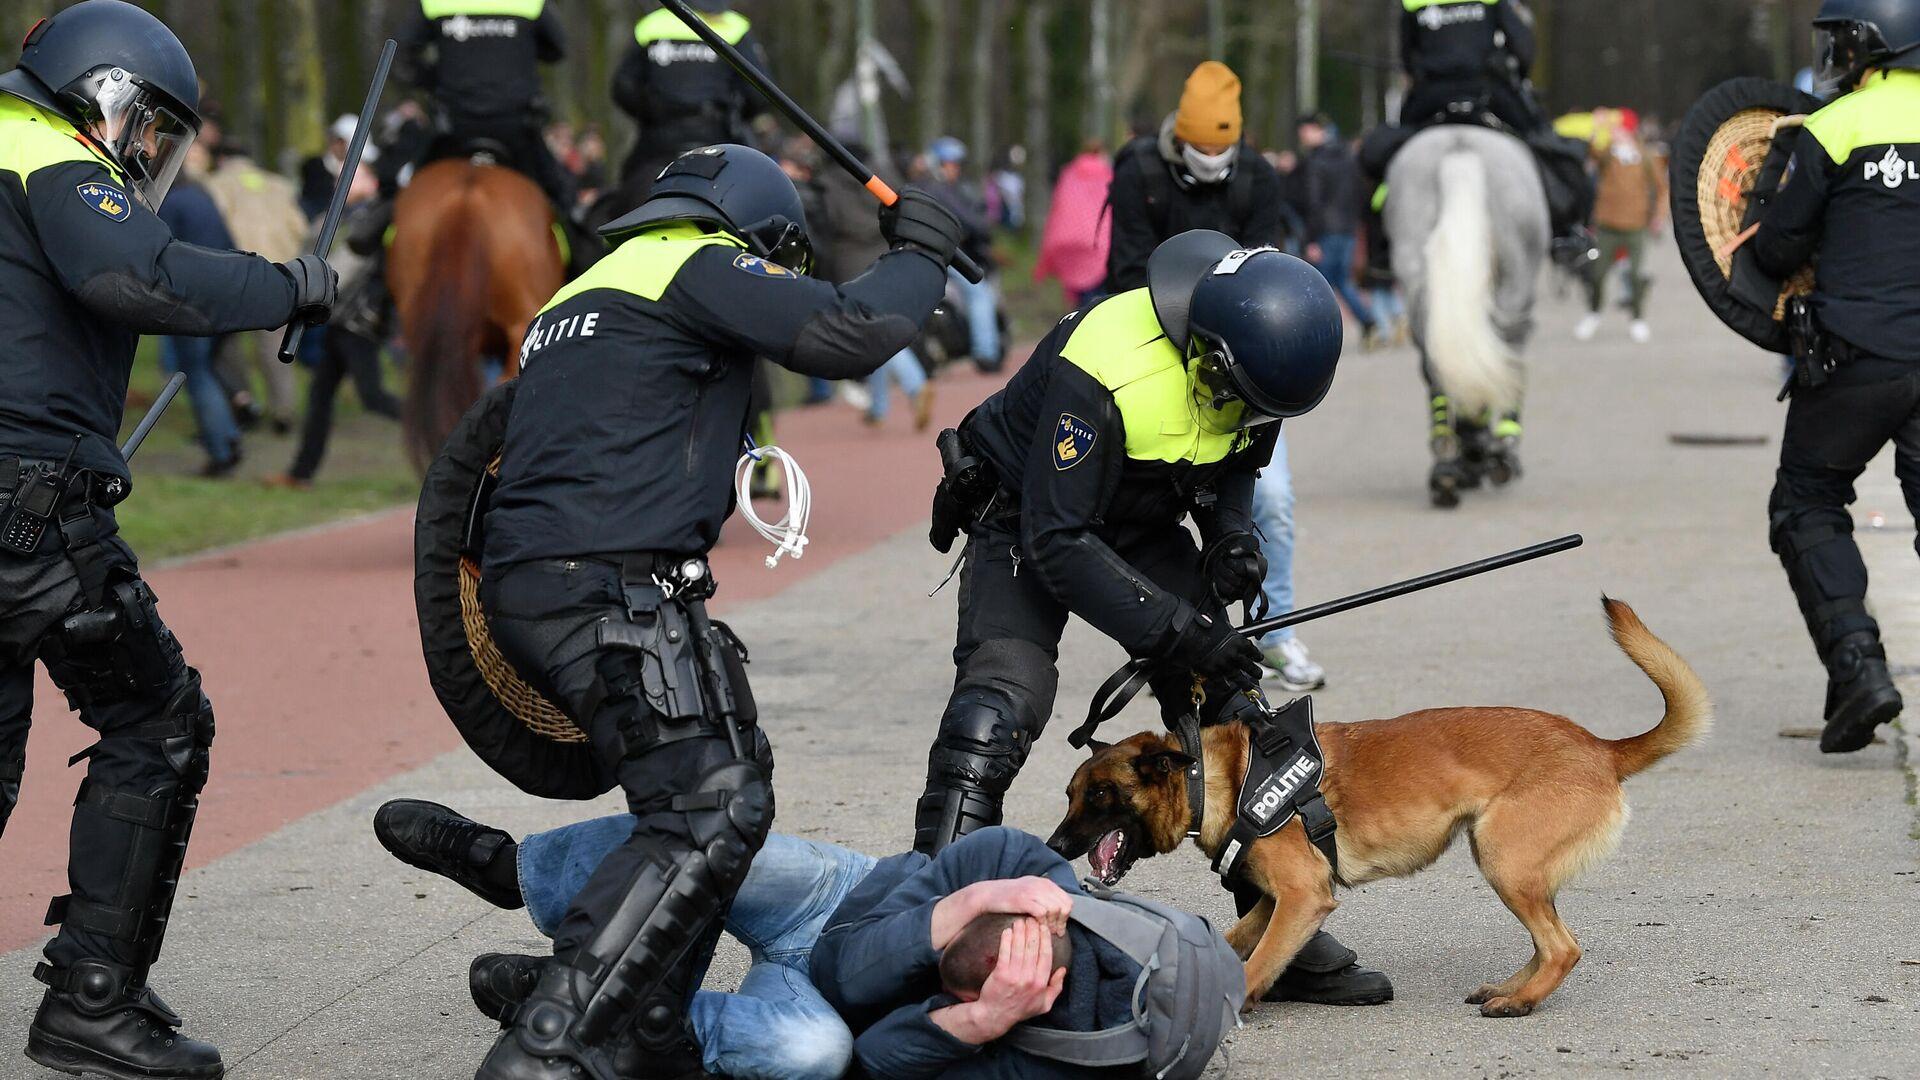 Protestaktion gegen die Corona-Beschränkungen in Den Haag: Polizei verprügelt einen Mann mit Schlagstöcken - SNA, 1920, 14.03.2021